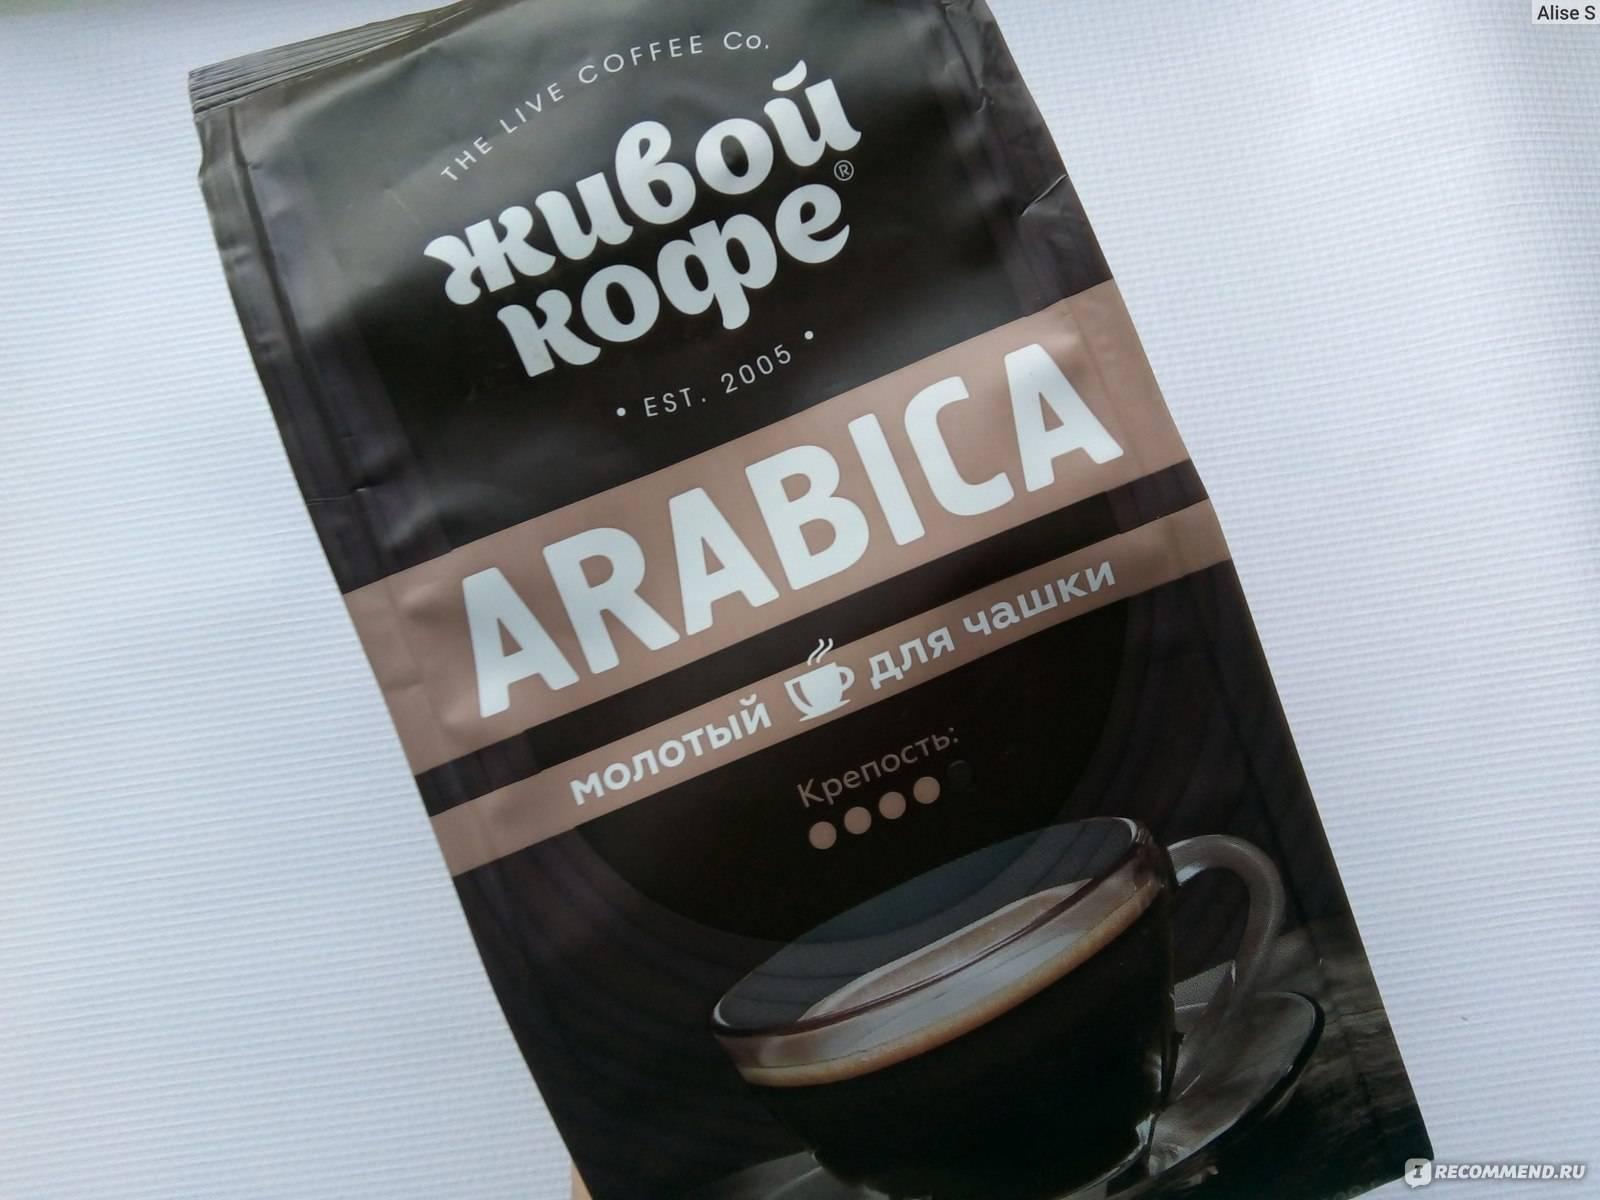 Как заварить кофе   правильные способы, методы, законы заваривания